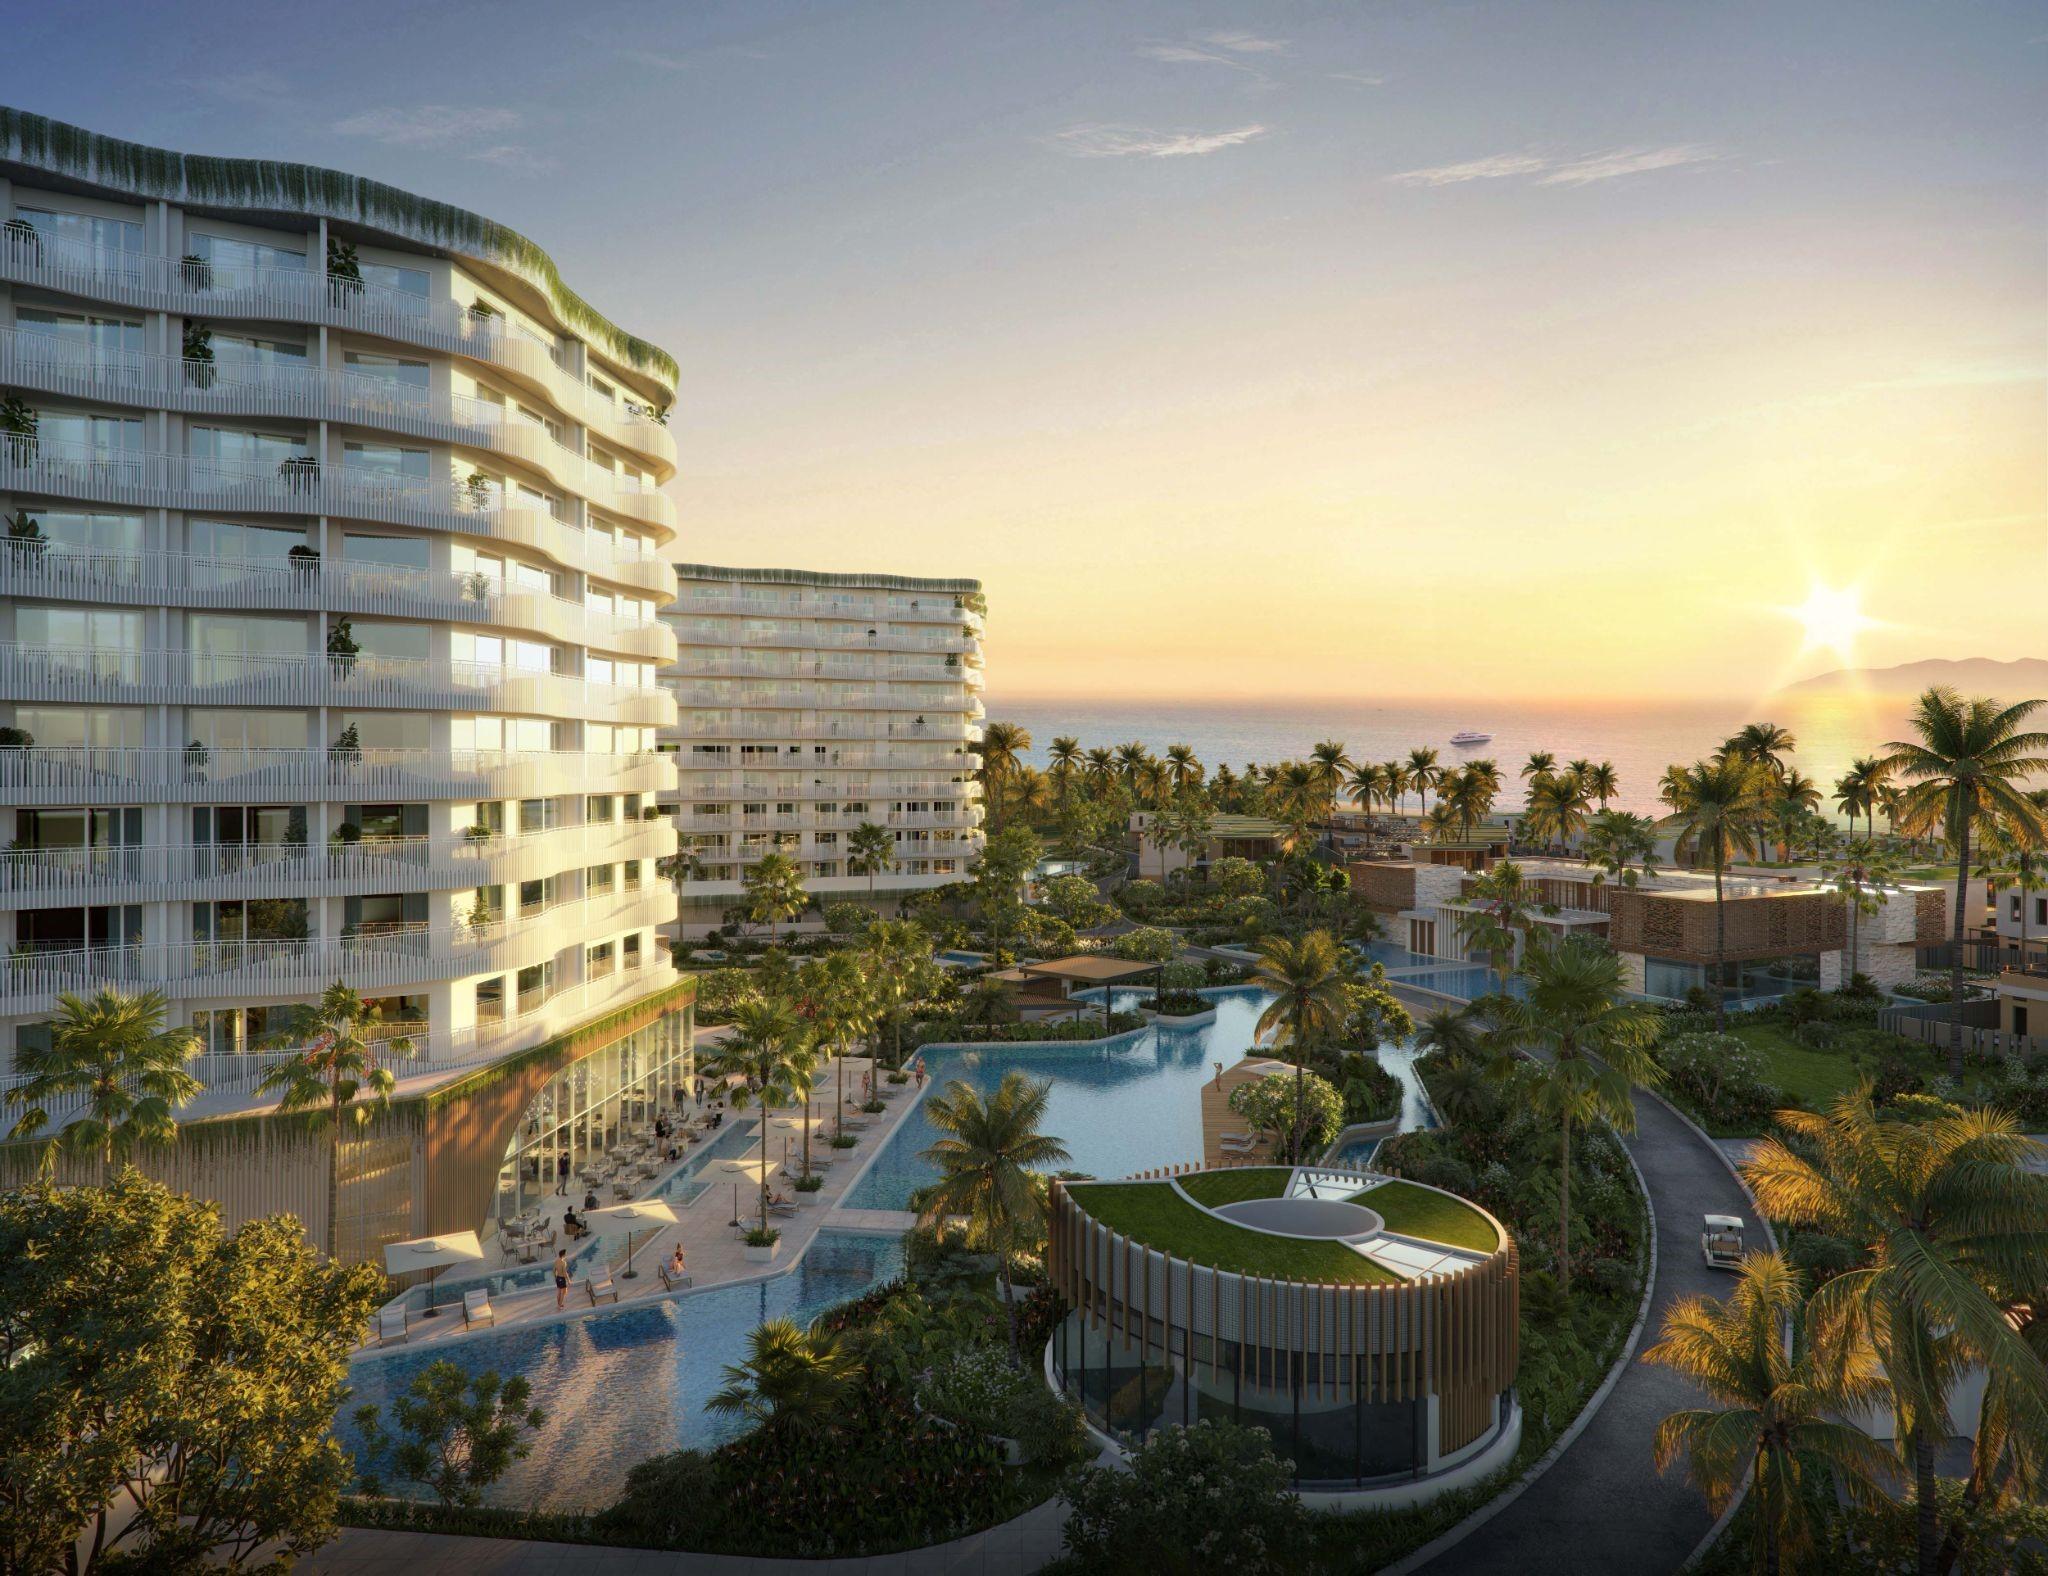 Phối cảnh tầm nhìn từ Shantira Beach Resort & Spa ra biển. Ảnh: Royal Capital Group.